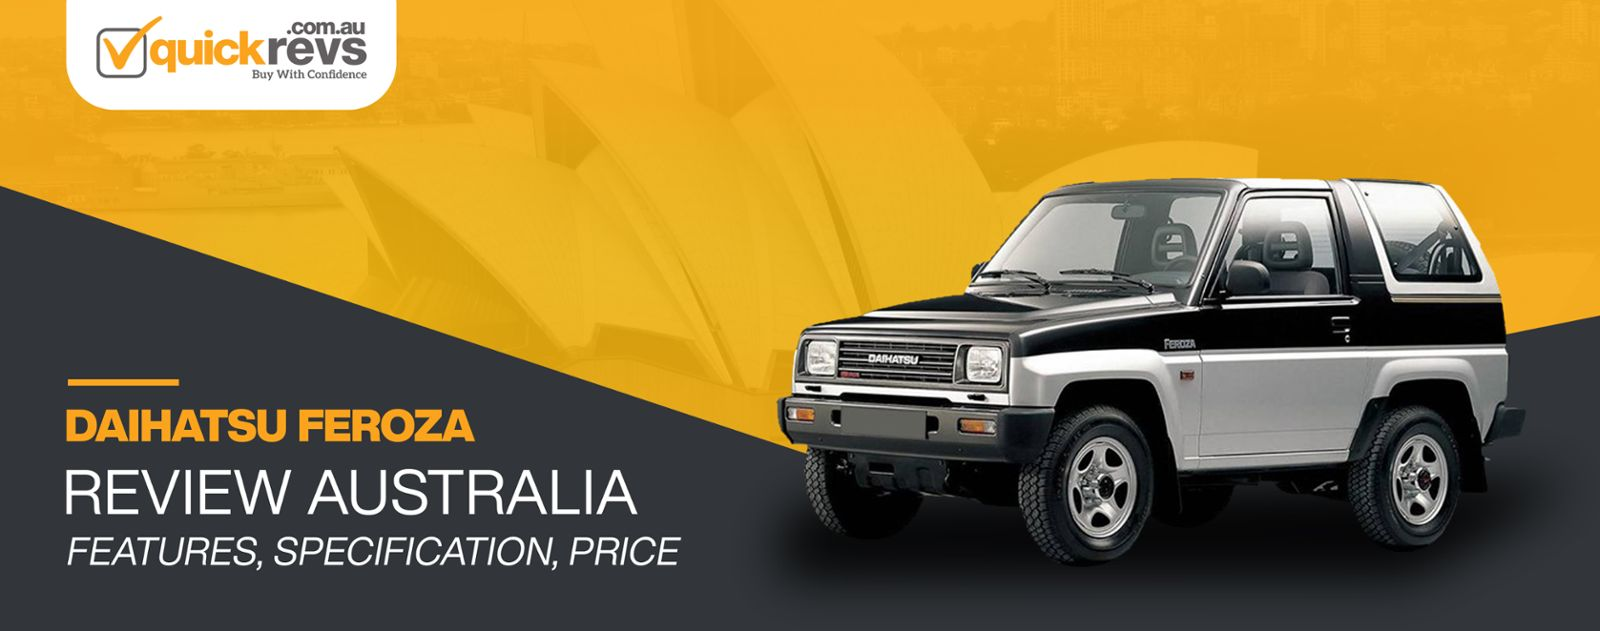 Daihatsu Sirion Review Australia